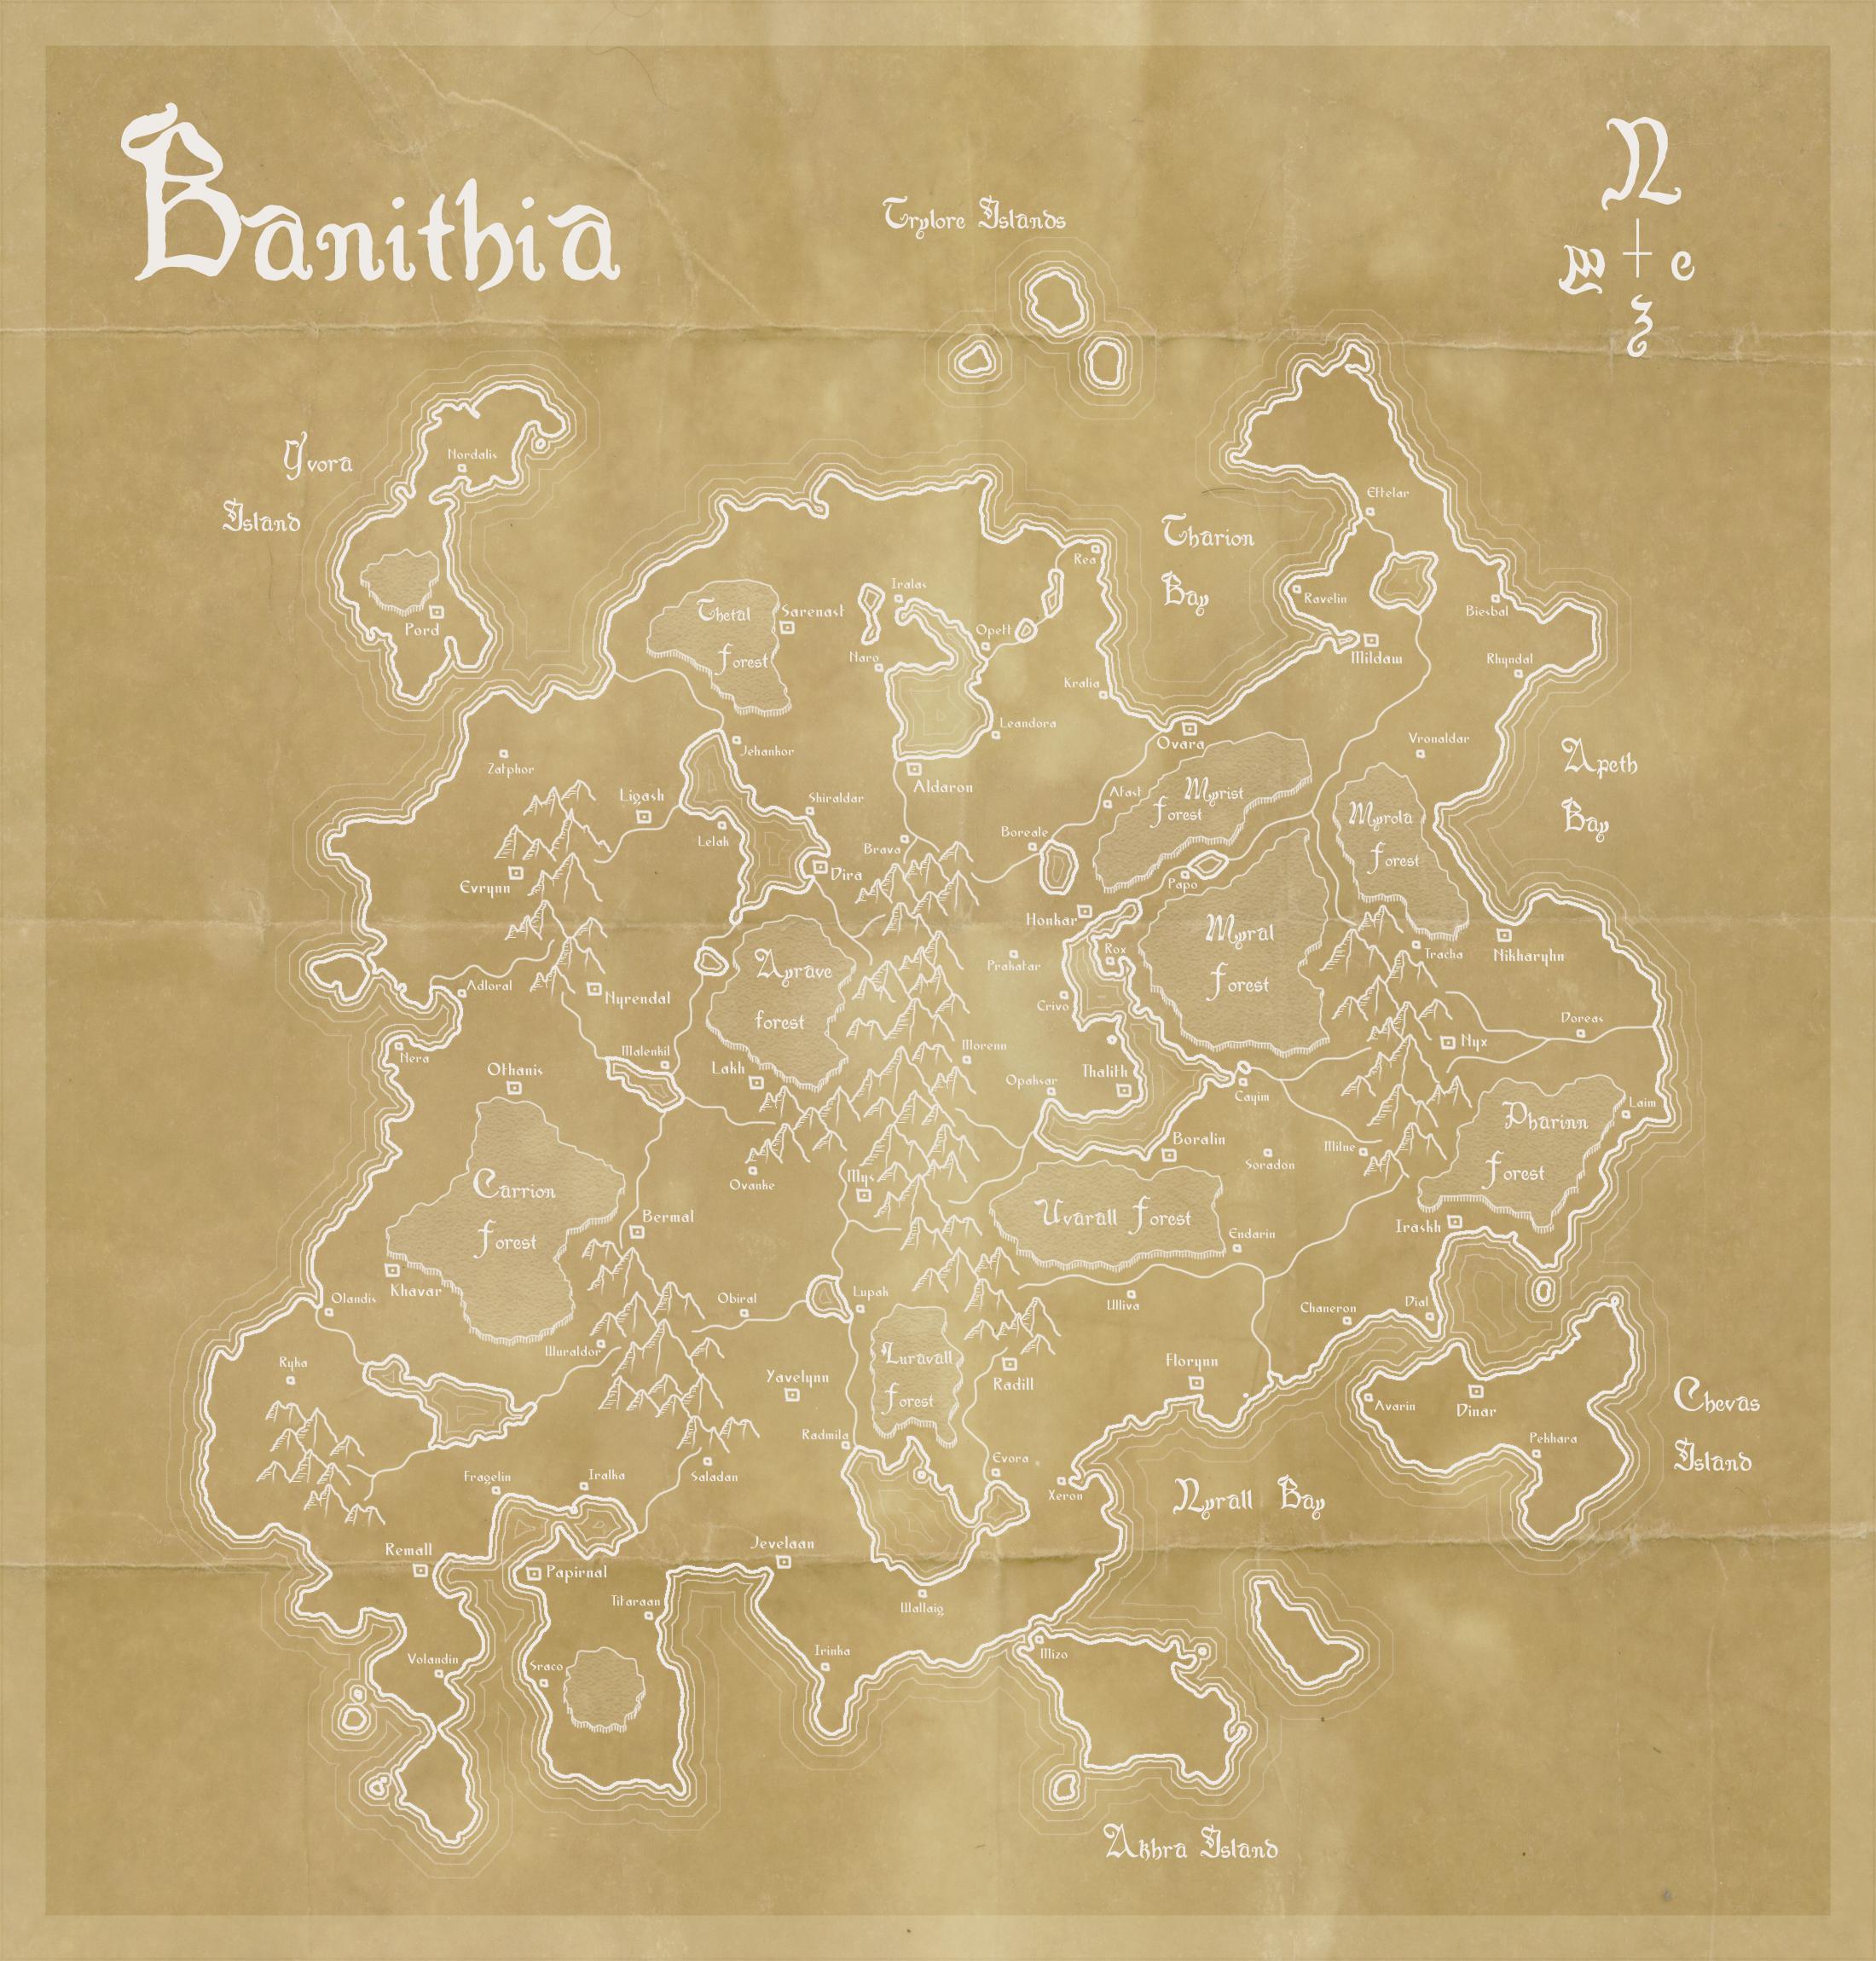 Banithia